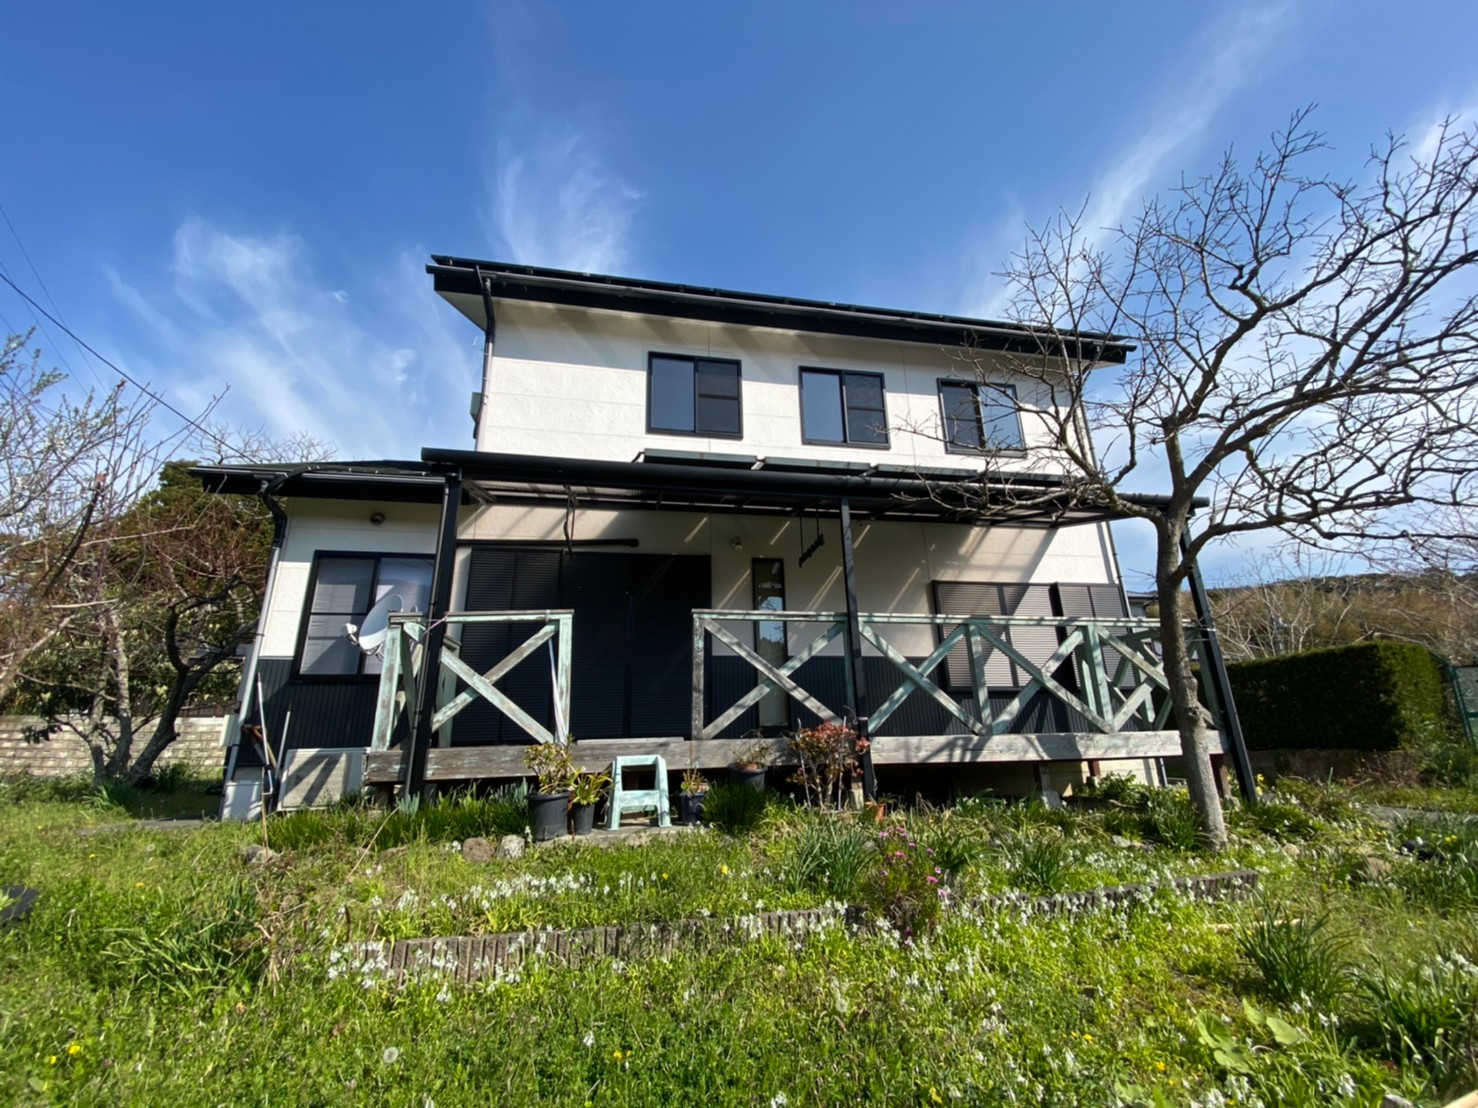 澄んだ空気、自然豊かな里山、吹き抜けが開放的な別荘